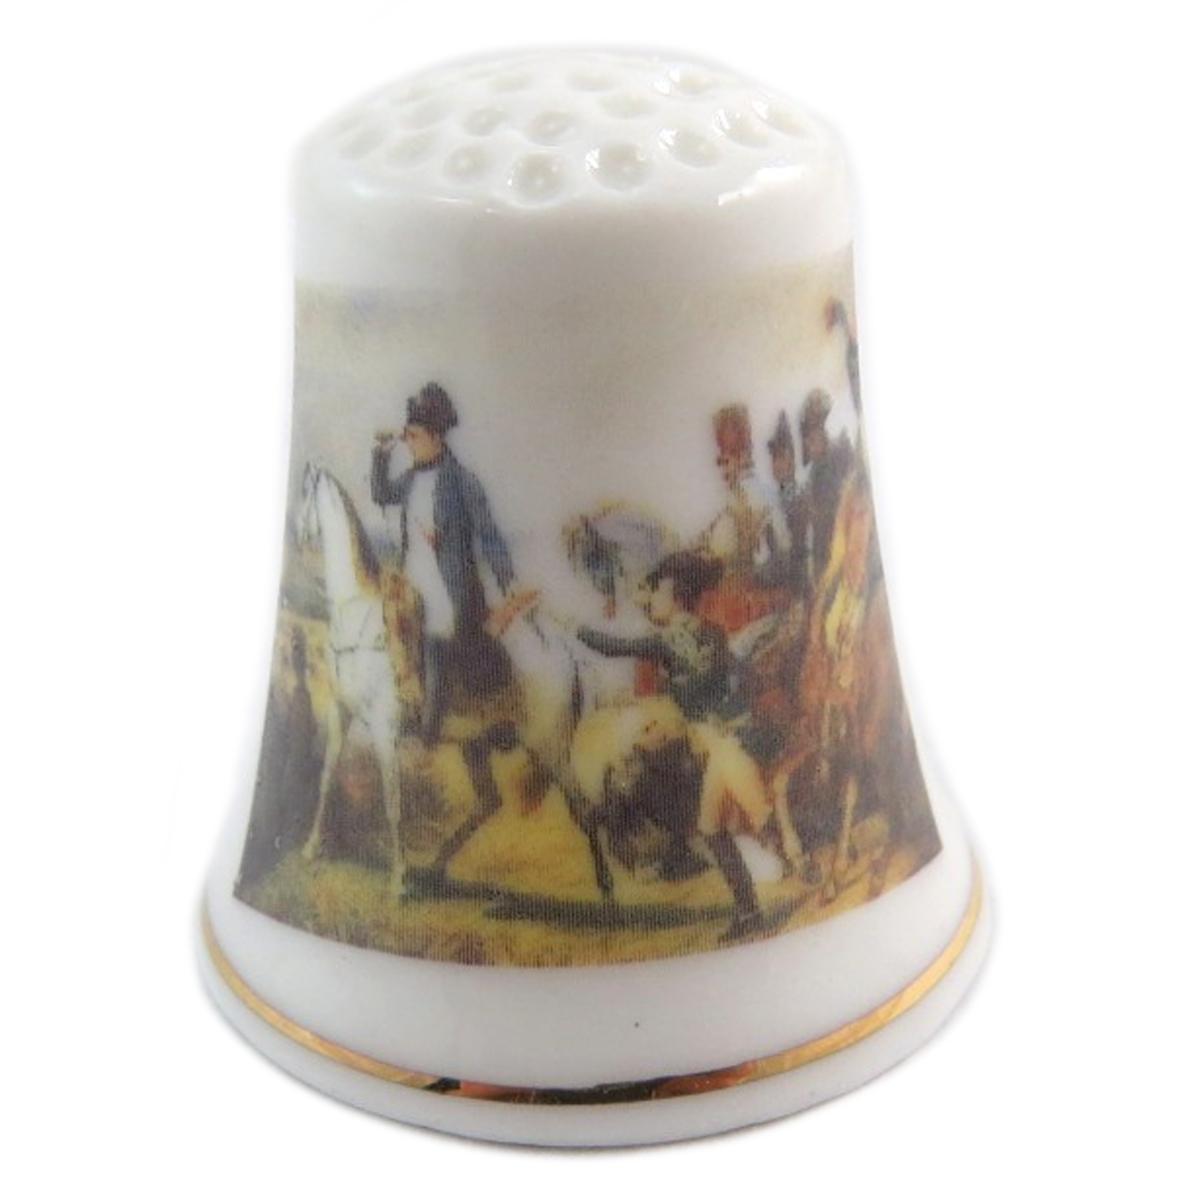 Dé à coudre \'Napoléon\' multicolore blanc (champ de bataille) - 27x23 mm - [Q7480]